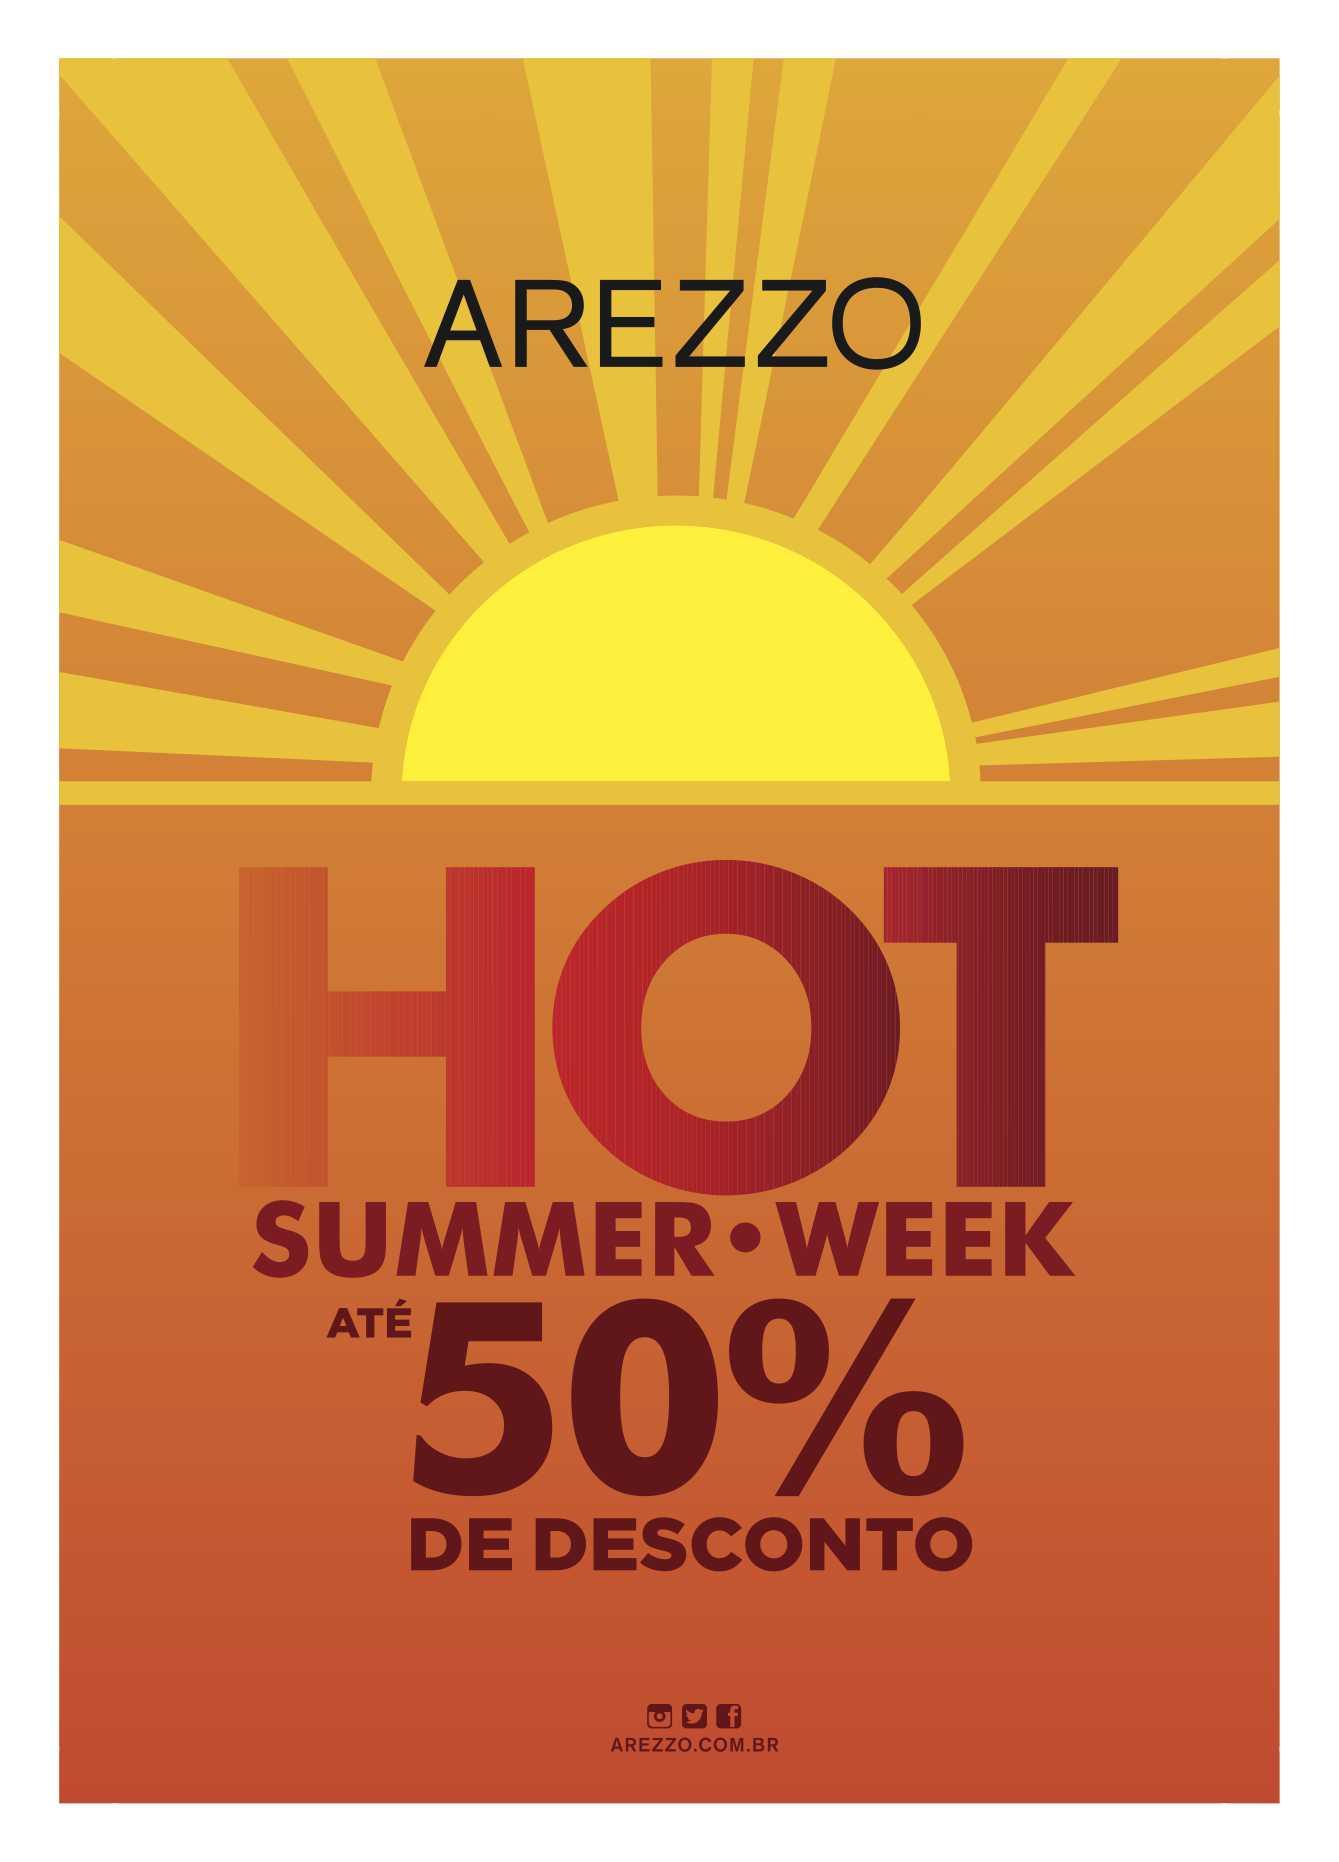 Descontos de até 50% nas lojas Arezzo em Curitiba